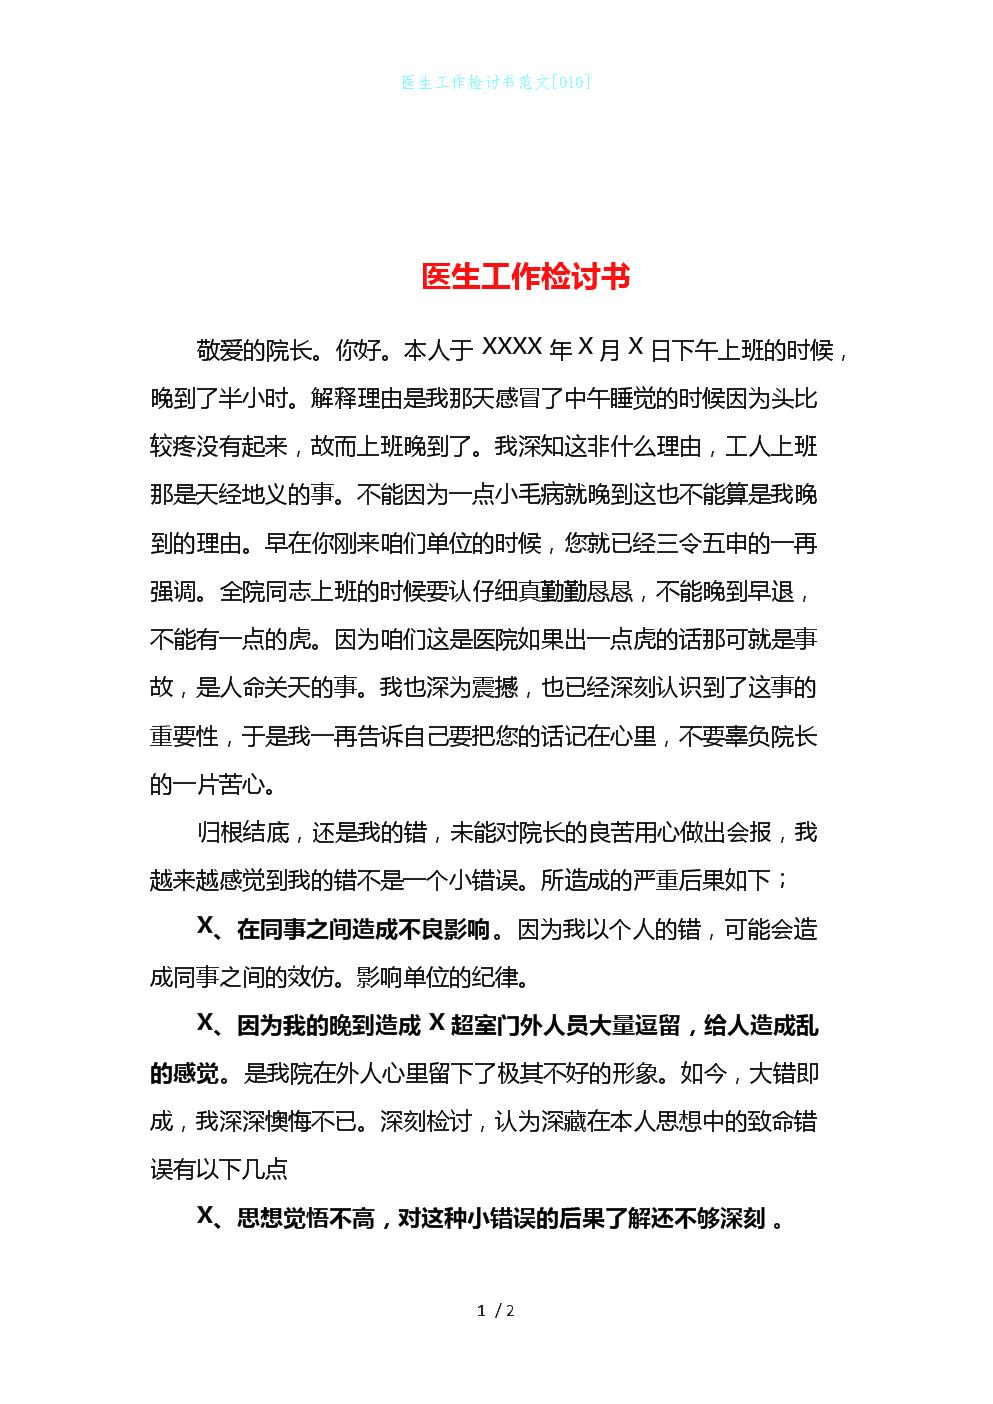 医生工作检讨书范文[010].docx